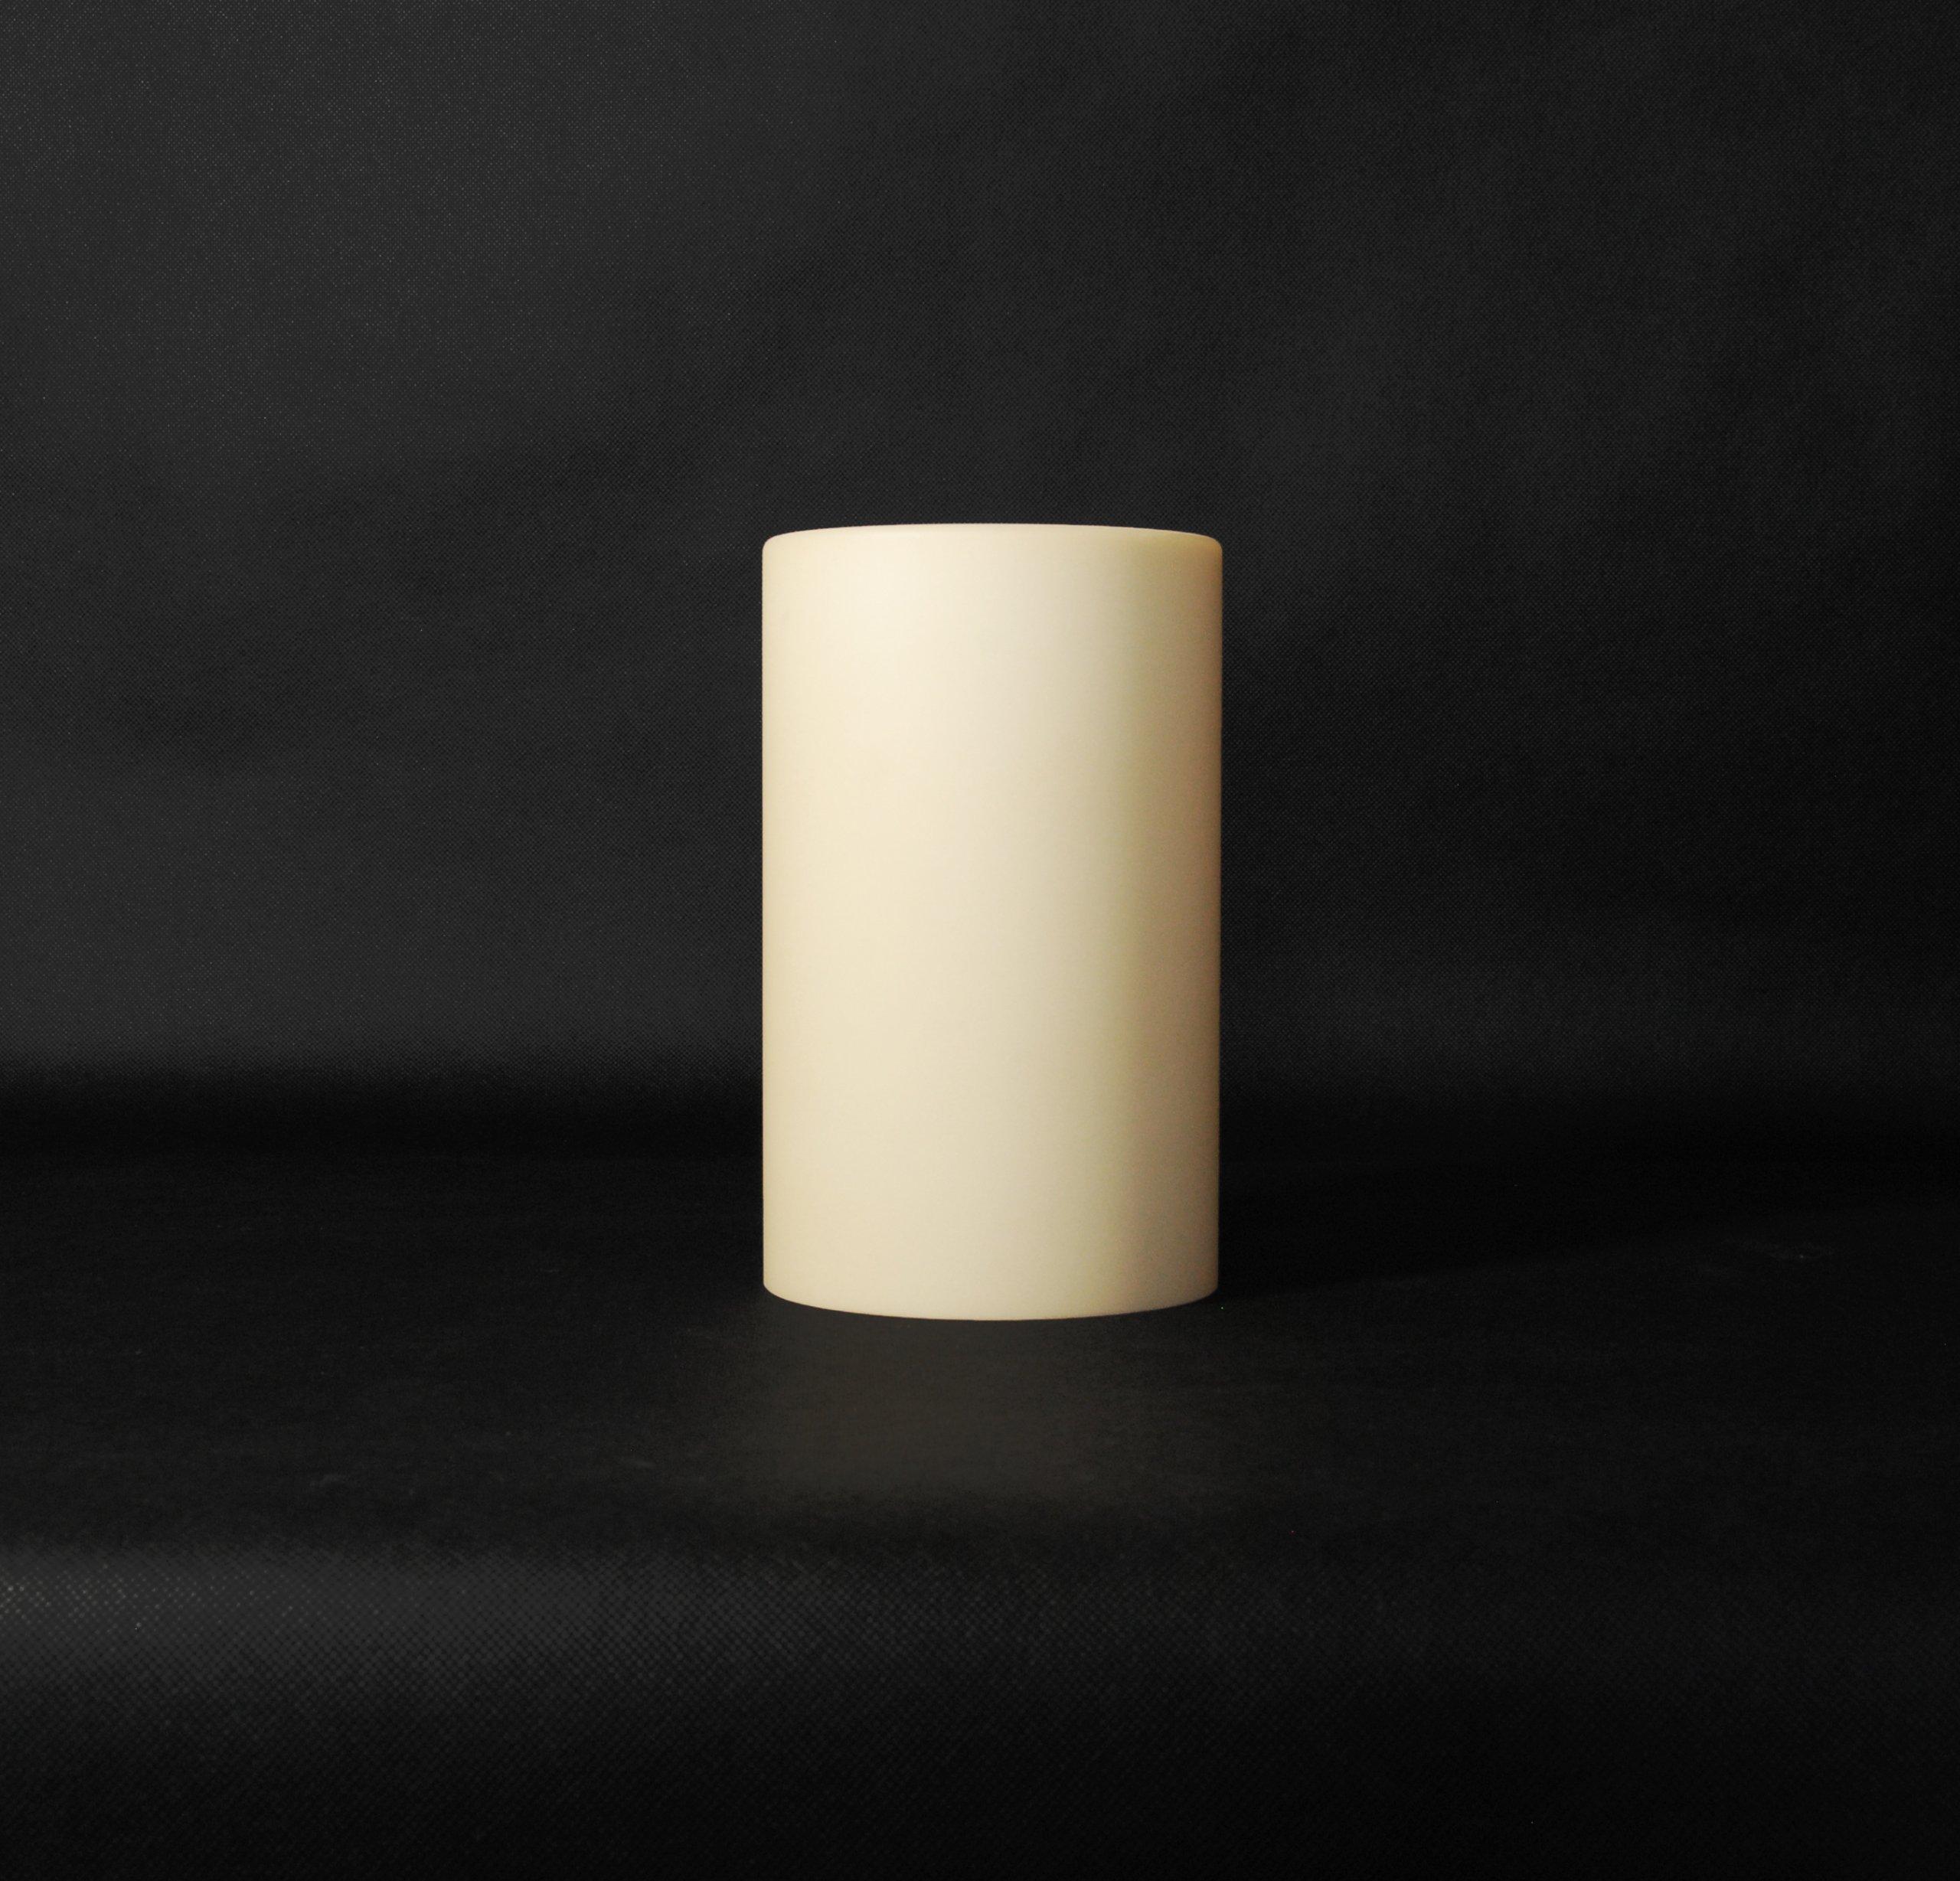 Klosz Szklany E27 Beżowy Klosze Do Lamp 7175412090 Oficjalne